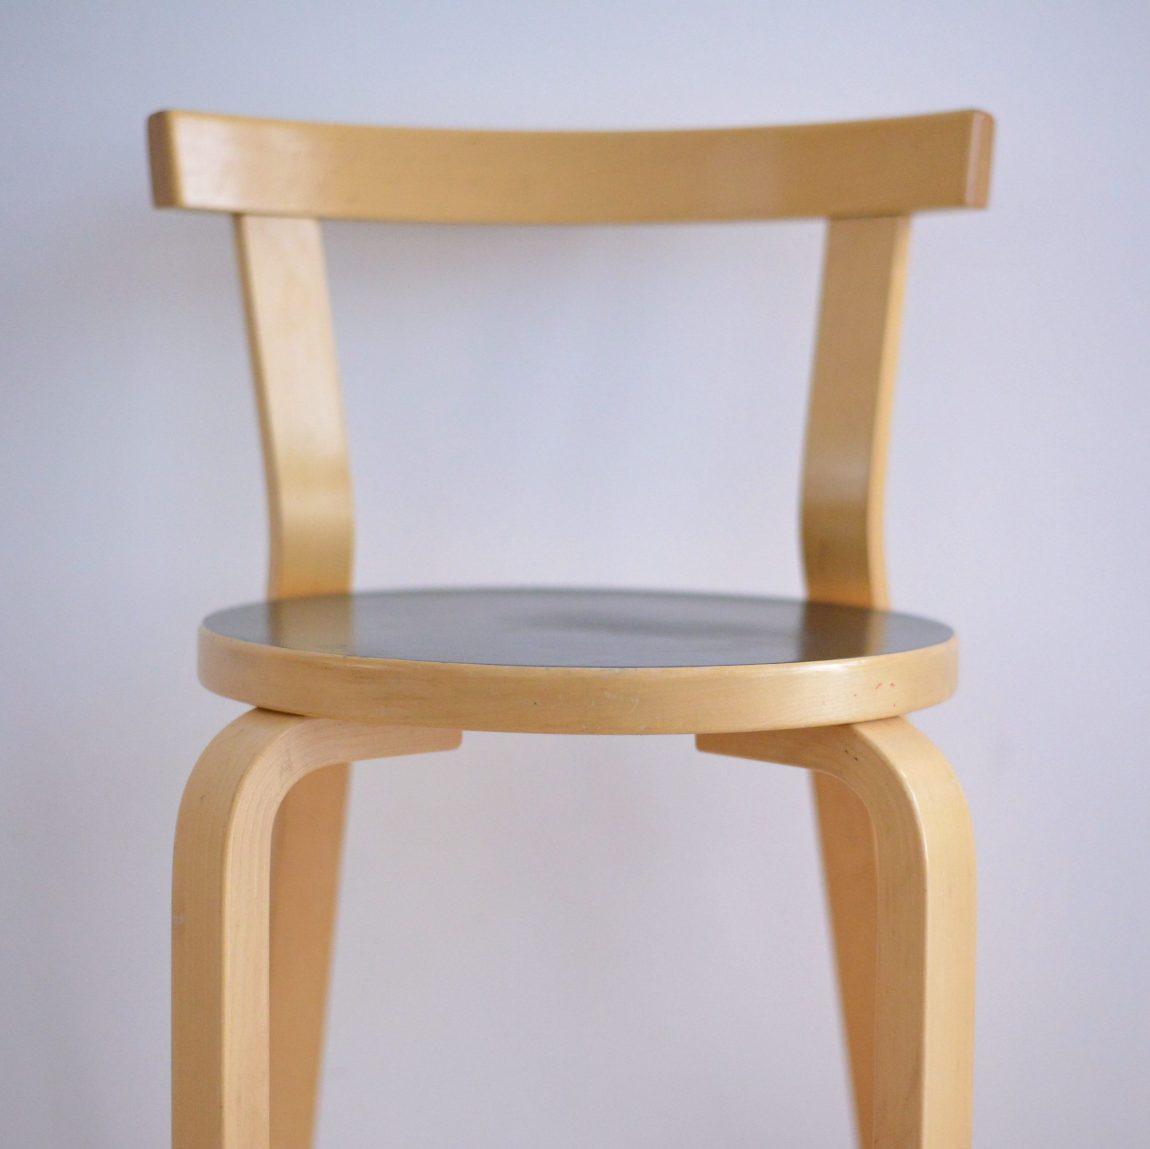 Alvar Aalto No. 68 Chair Finland Finnish Design heyday möbel moebel Zurich Zürich Binz